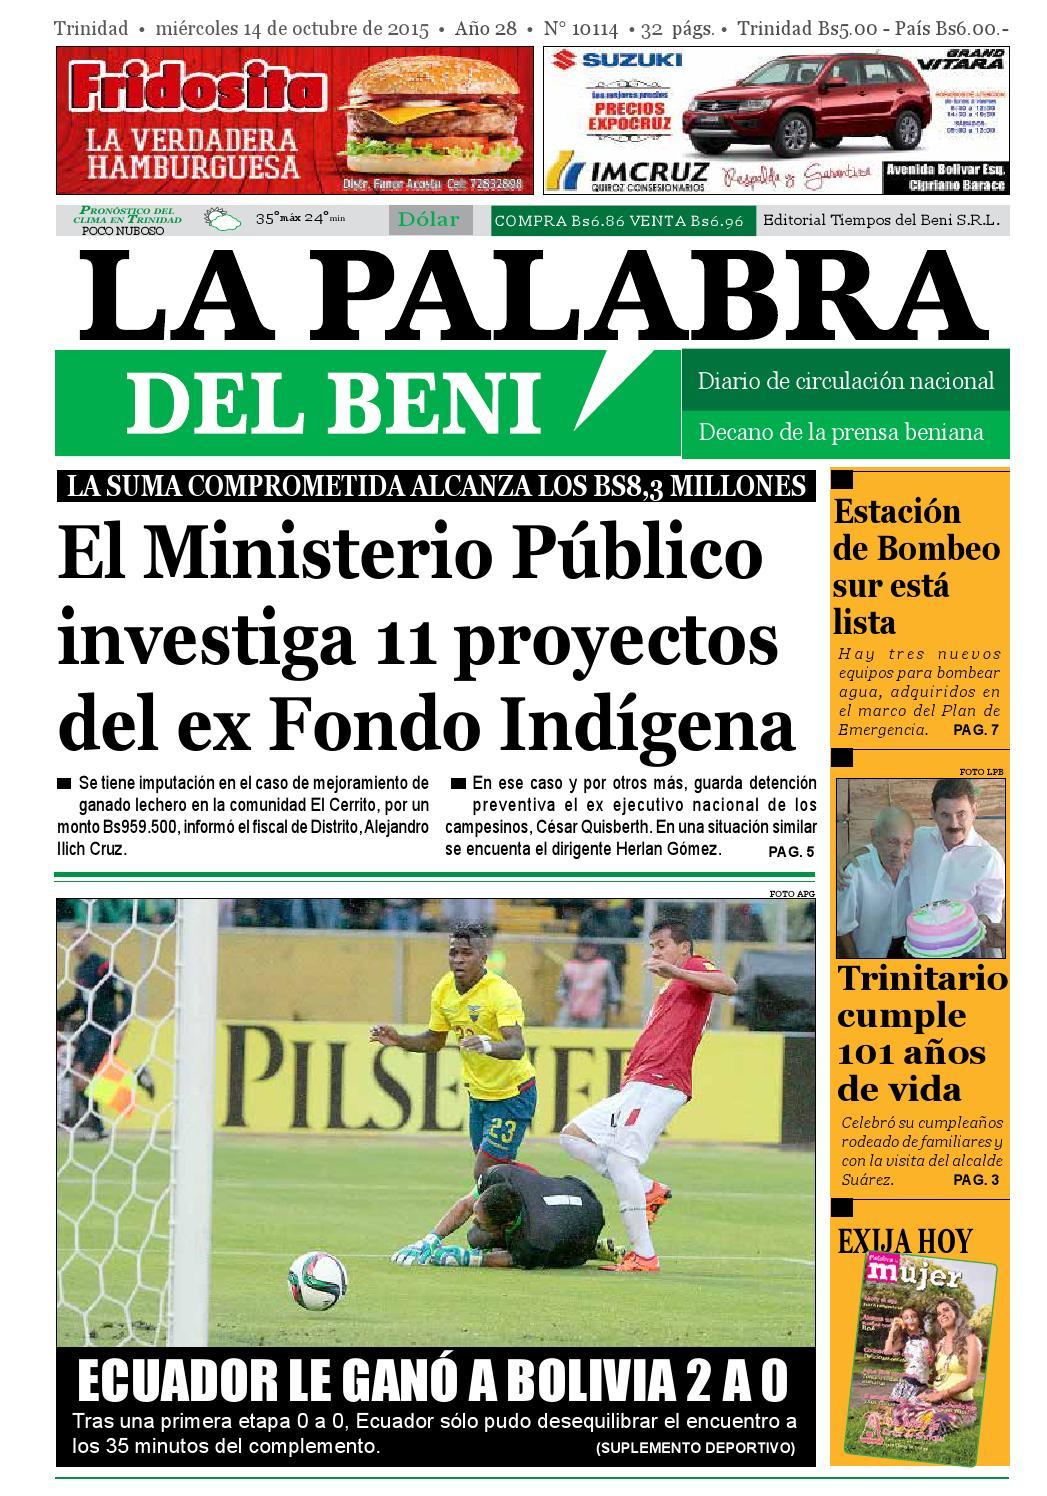 La Palabra del Beni, 14 de Octubre de 2015 by La Palabra del Beni ...